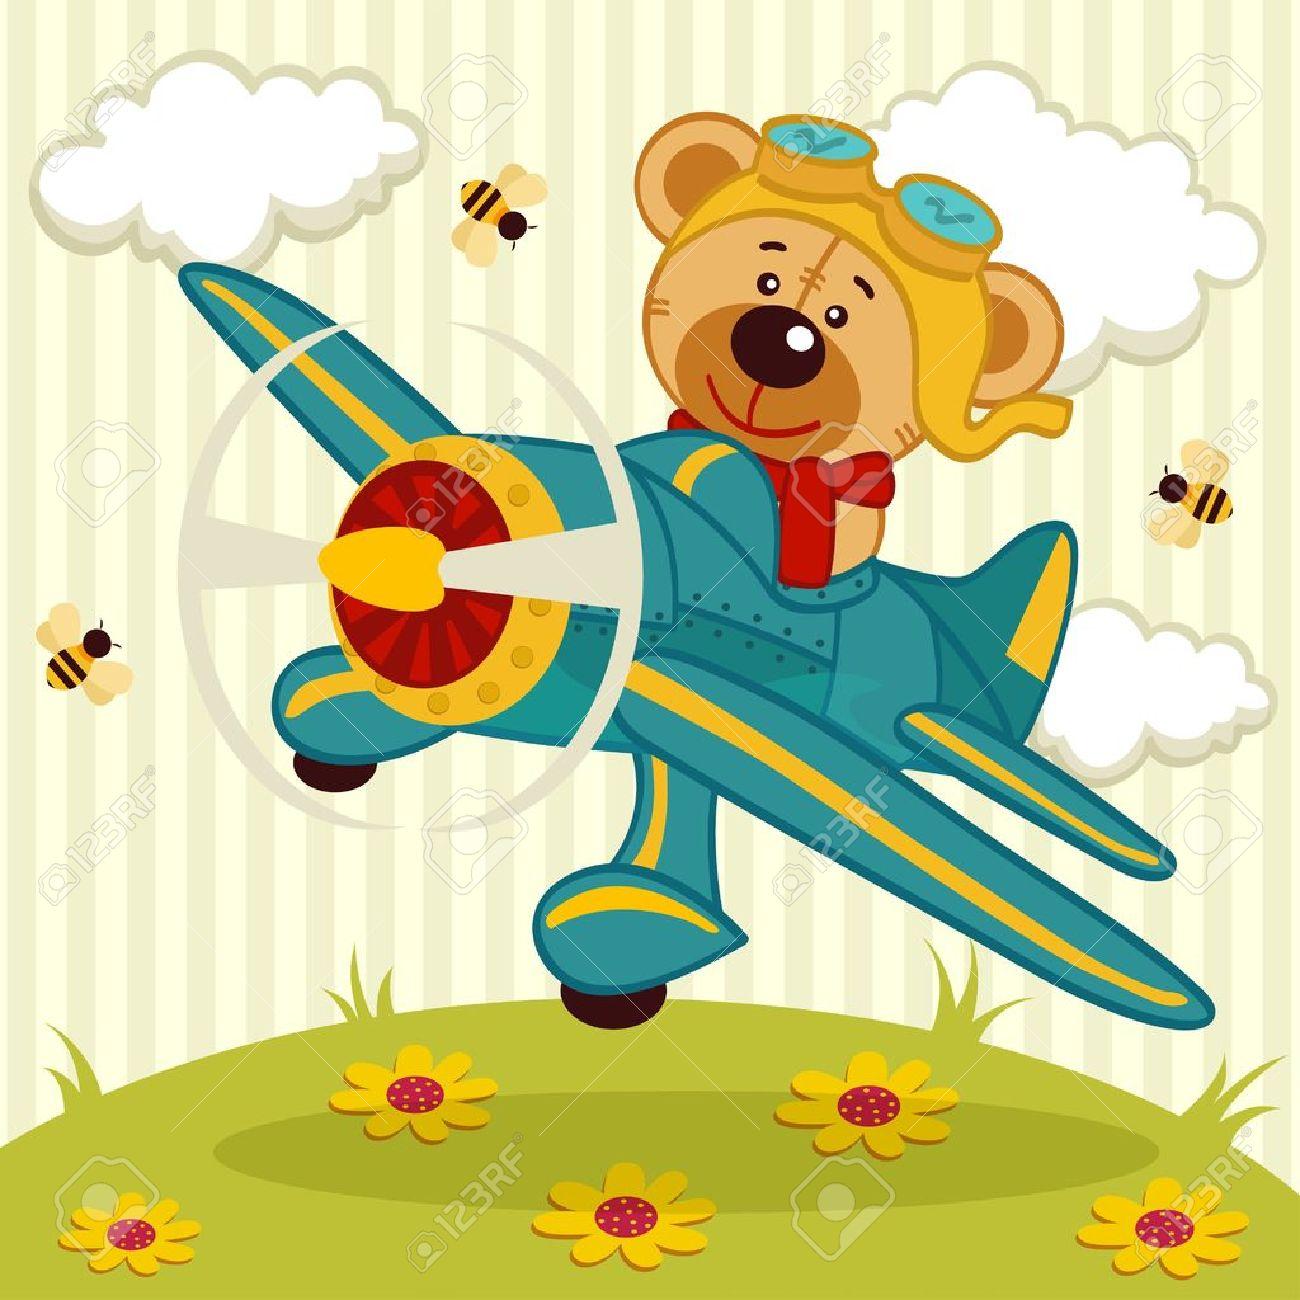 teddy bear fly on a airplane - vector illustration Standard-Bild - 20300594